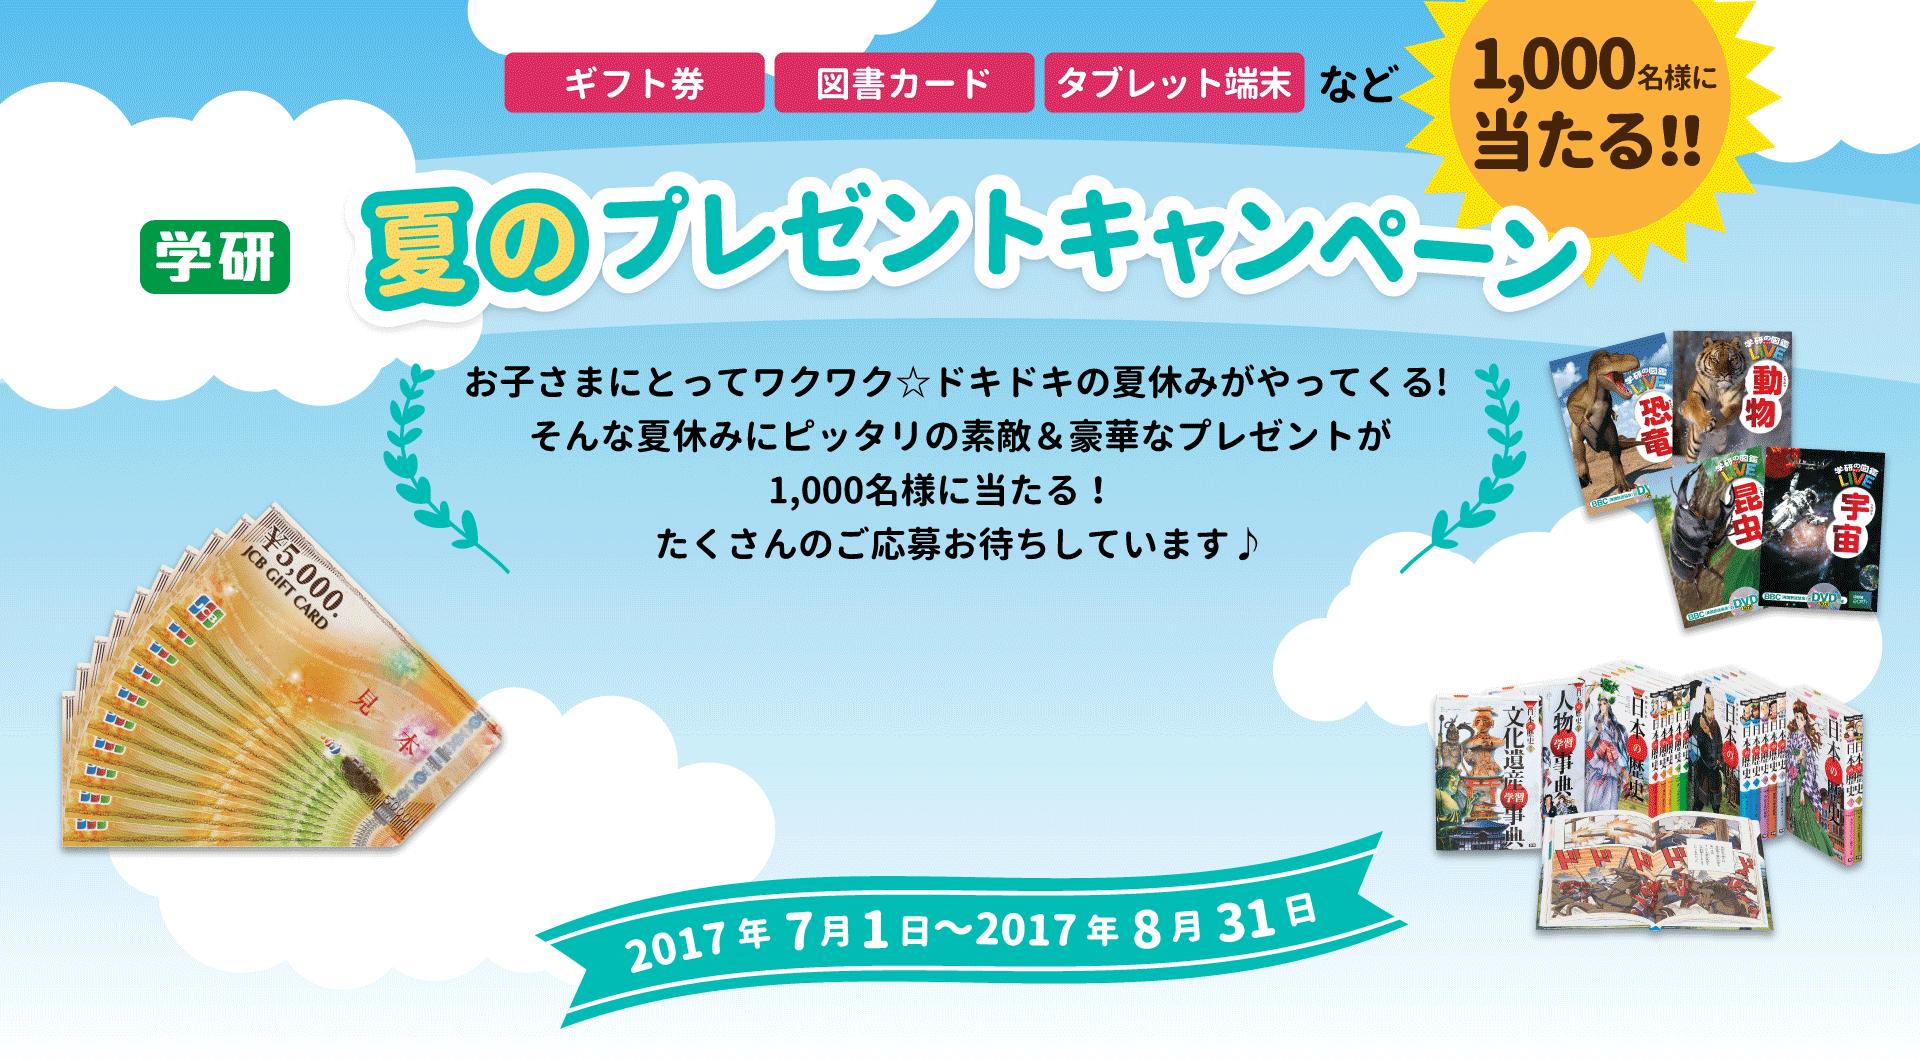 【今日まで】学研の夏のプレゼントキャンペーンで、1000名にJCBギフトカード5万円分、タブレット端末、図書カード、図鑑セットなどが当たる。~8/31。